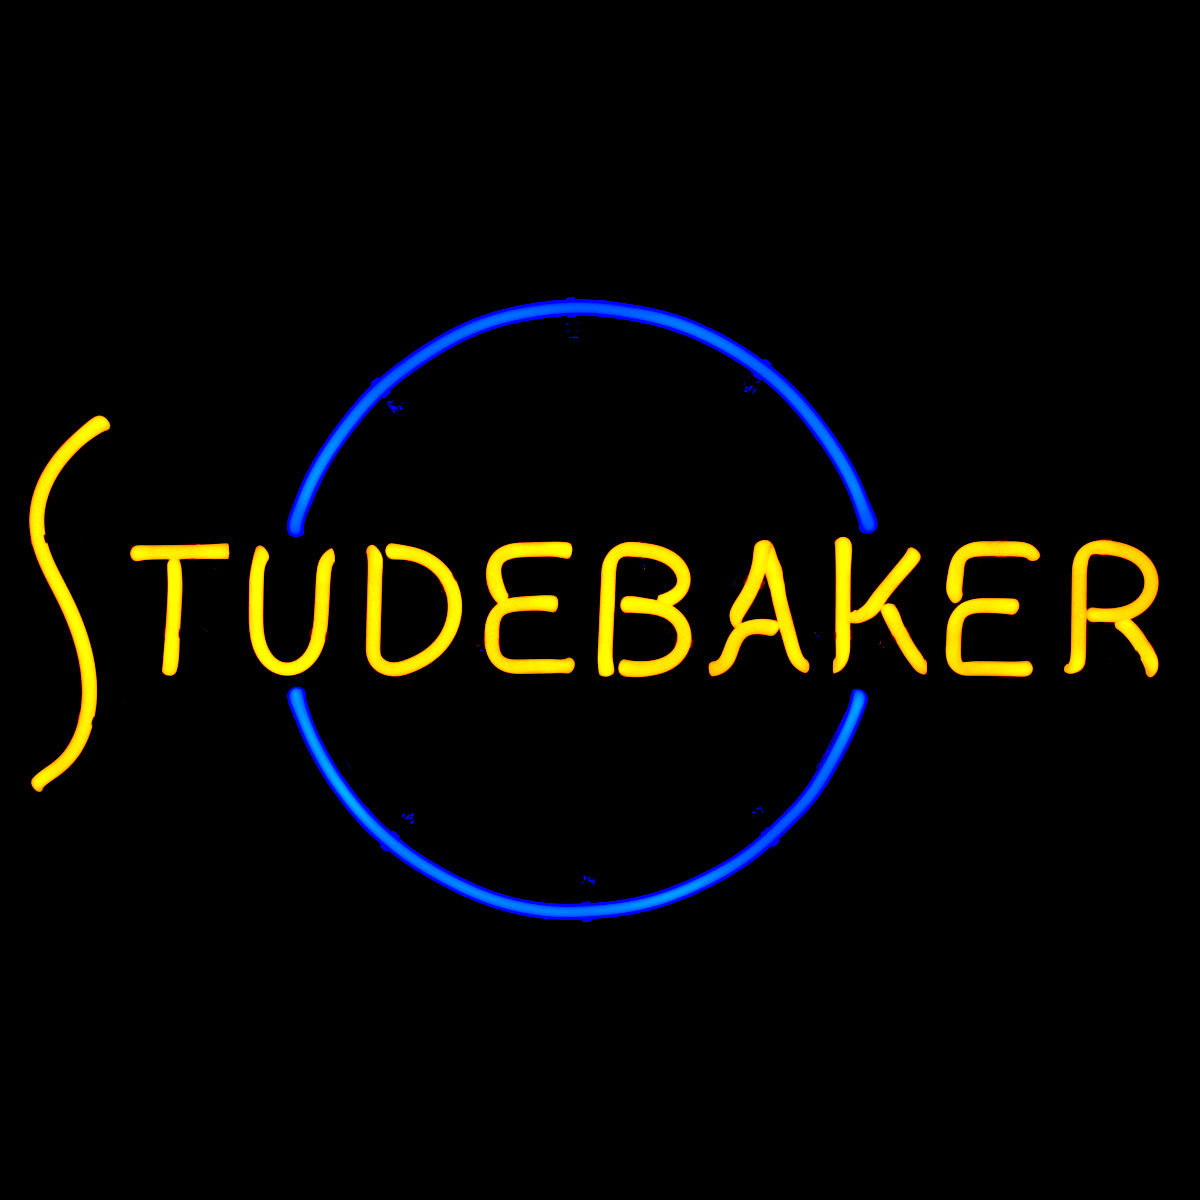 Custom Studebaker Neon Signs by former New Studebaker Packard Dealer.jpg